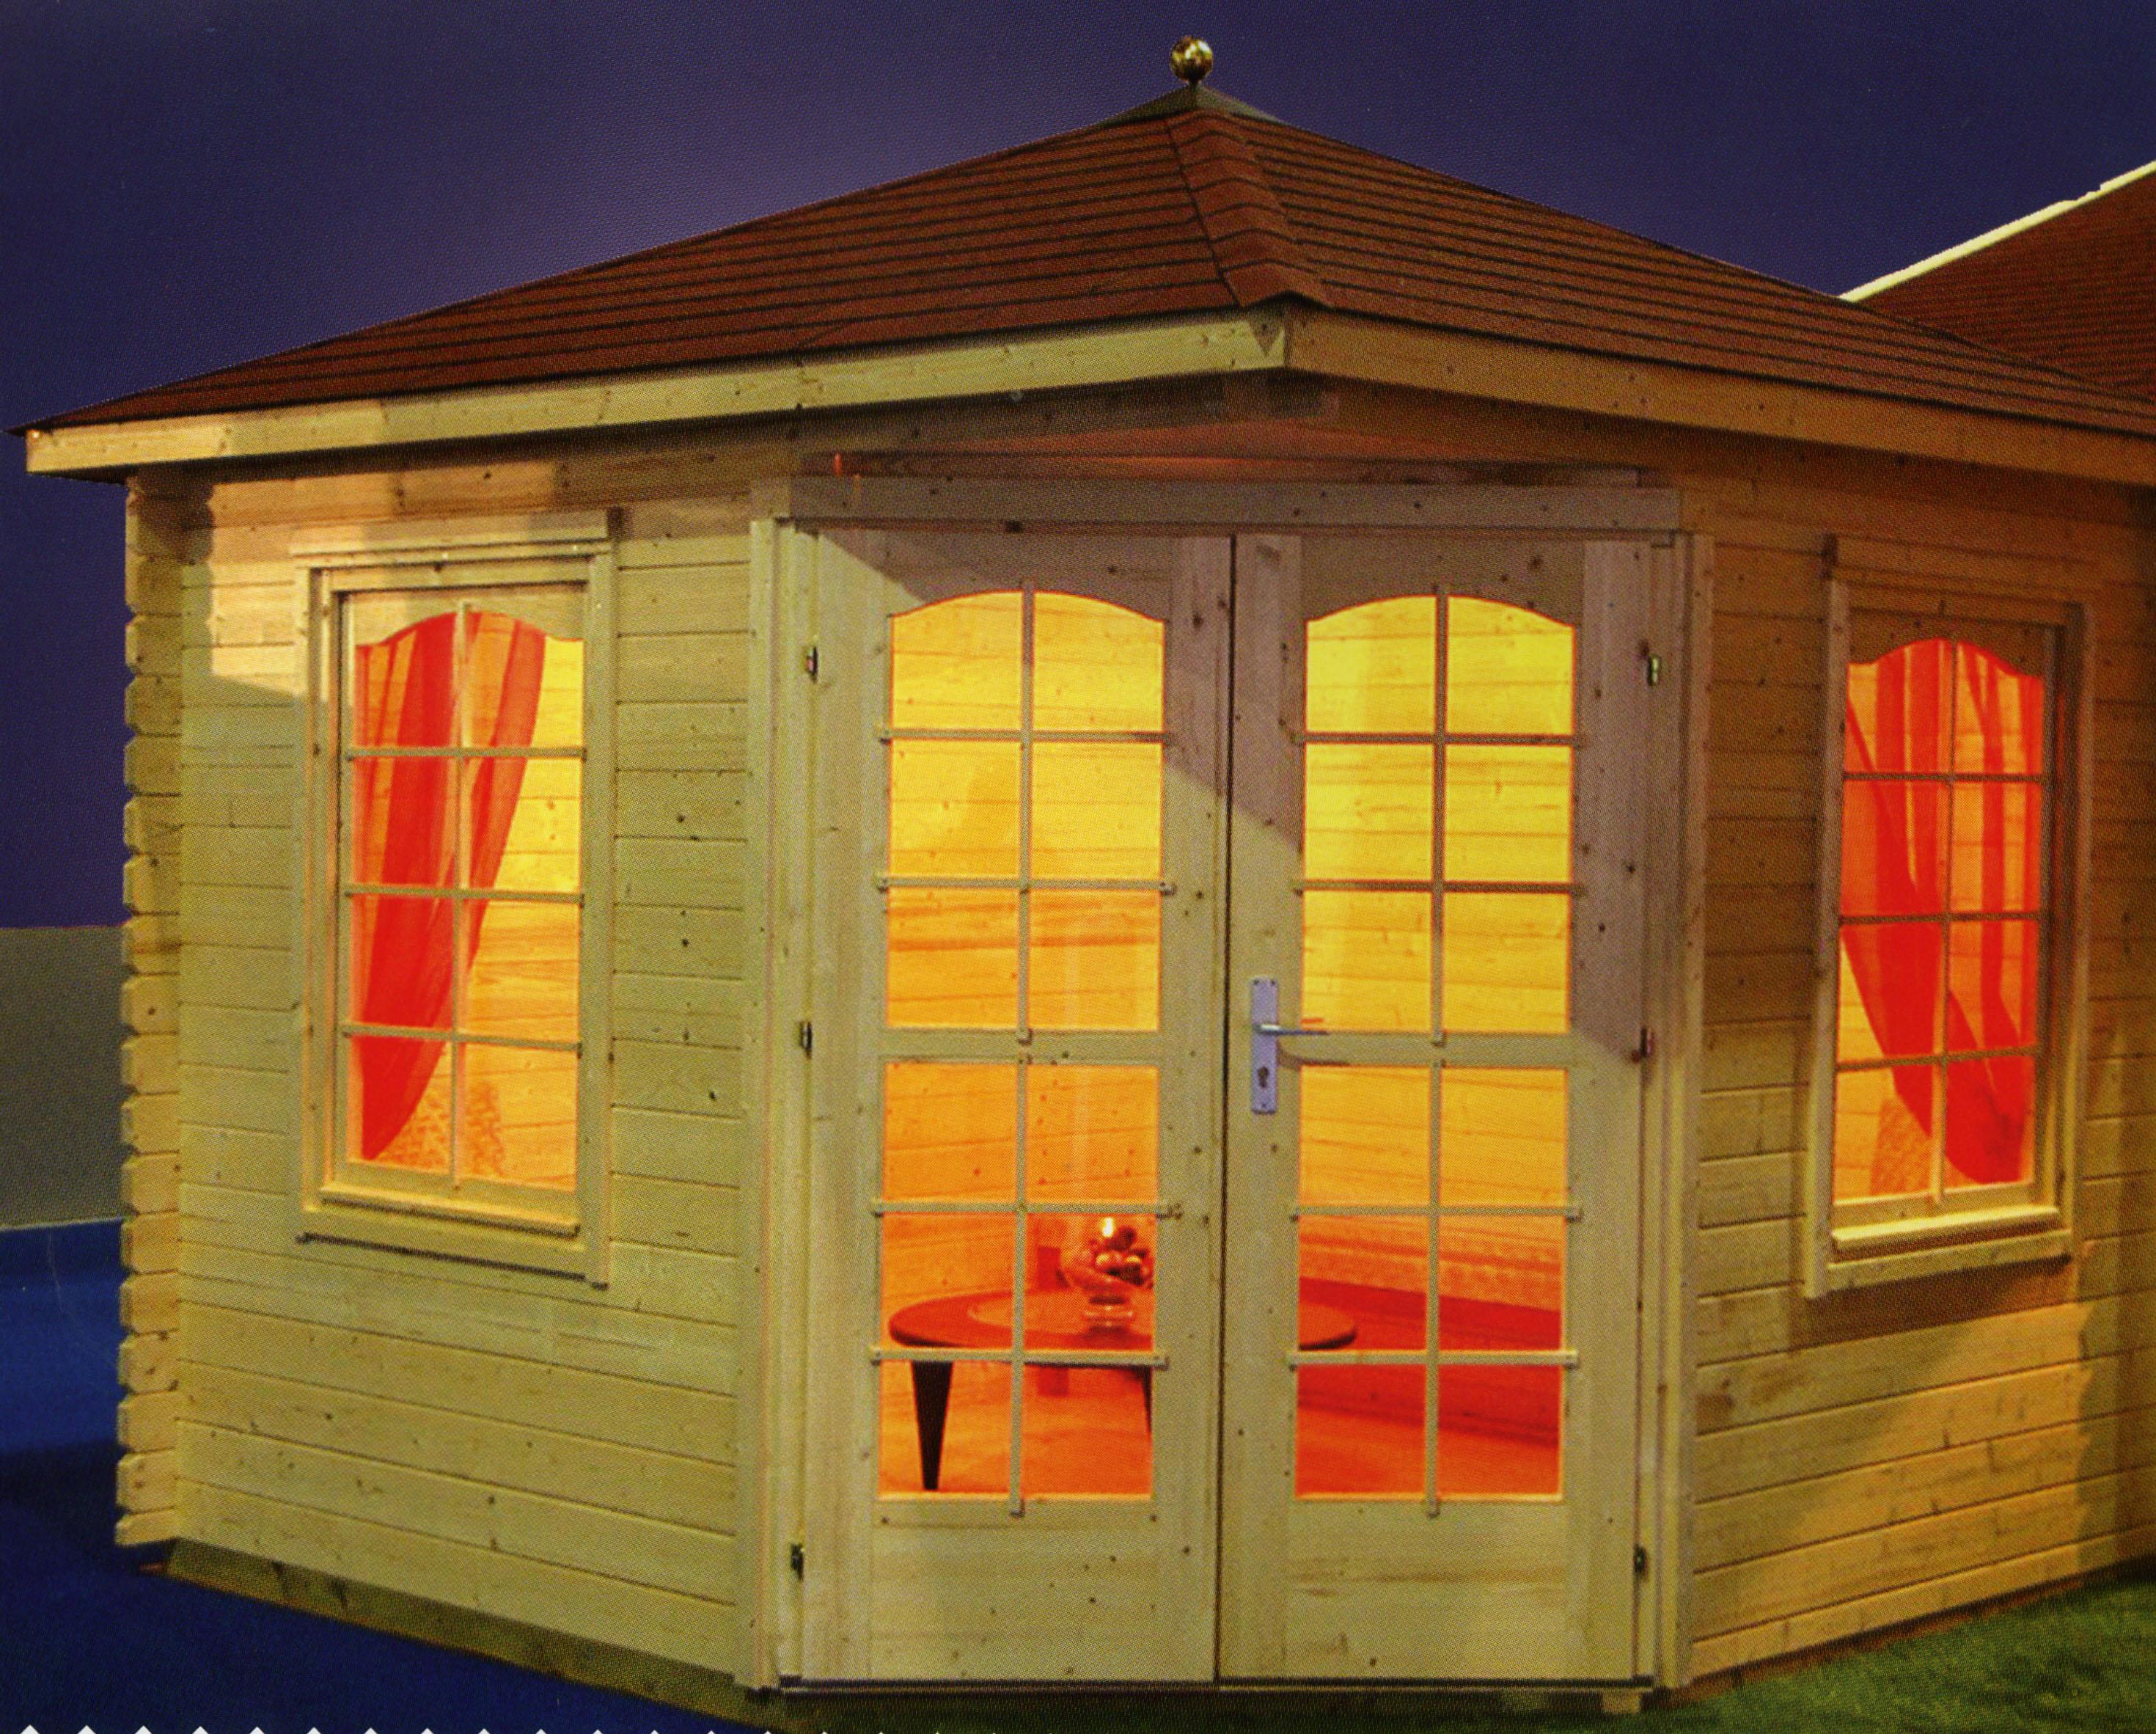 Movilrodan casita madera victoria b - Casas de madera en pontevedra ...